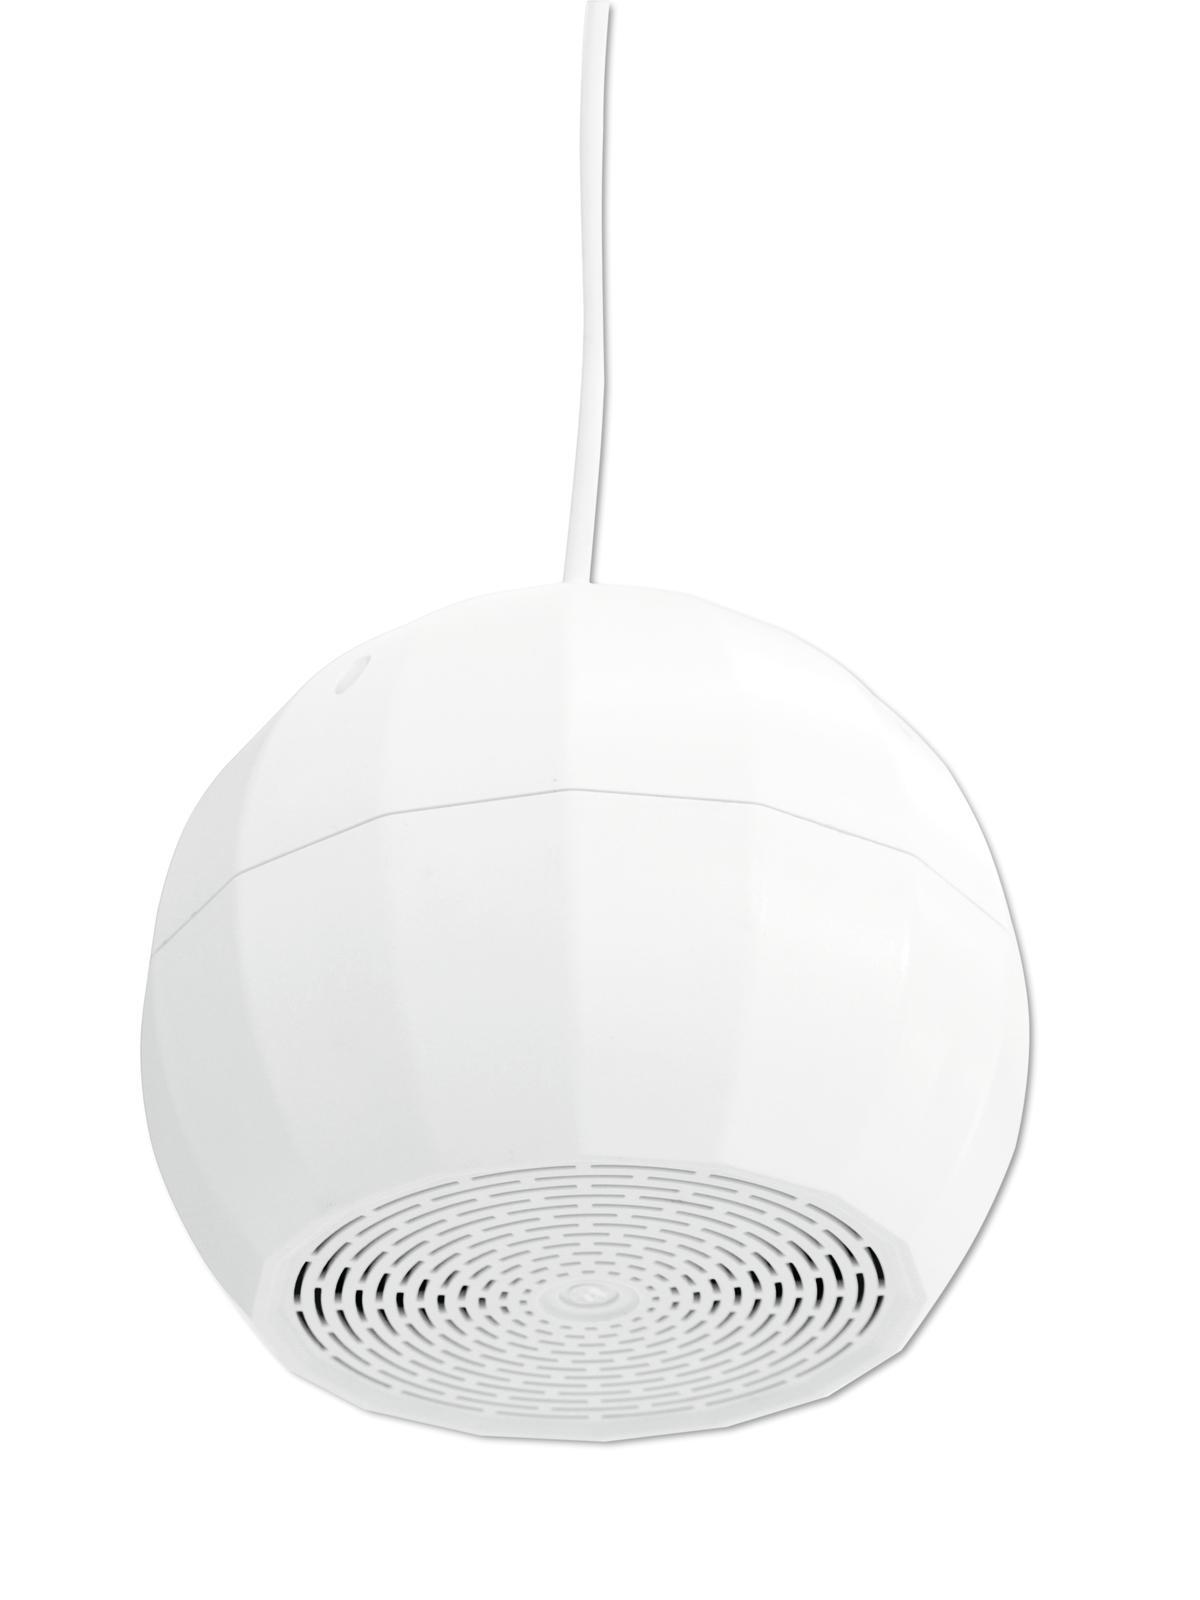 Cassa diffusore da soffitto parete 10 watt OMNITRONIC WP-2H  bianca